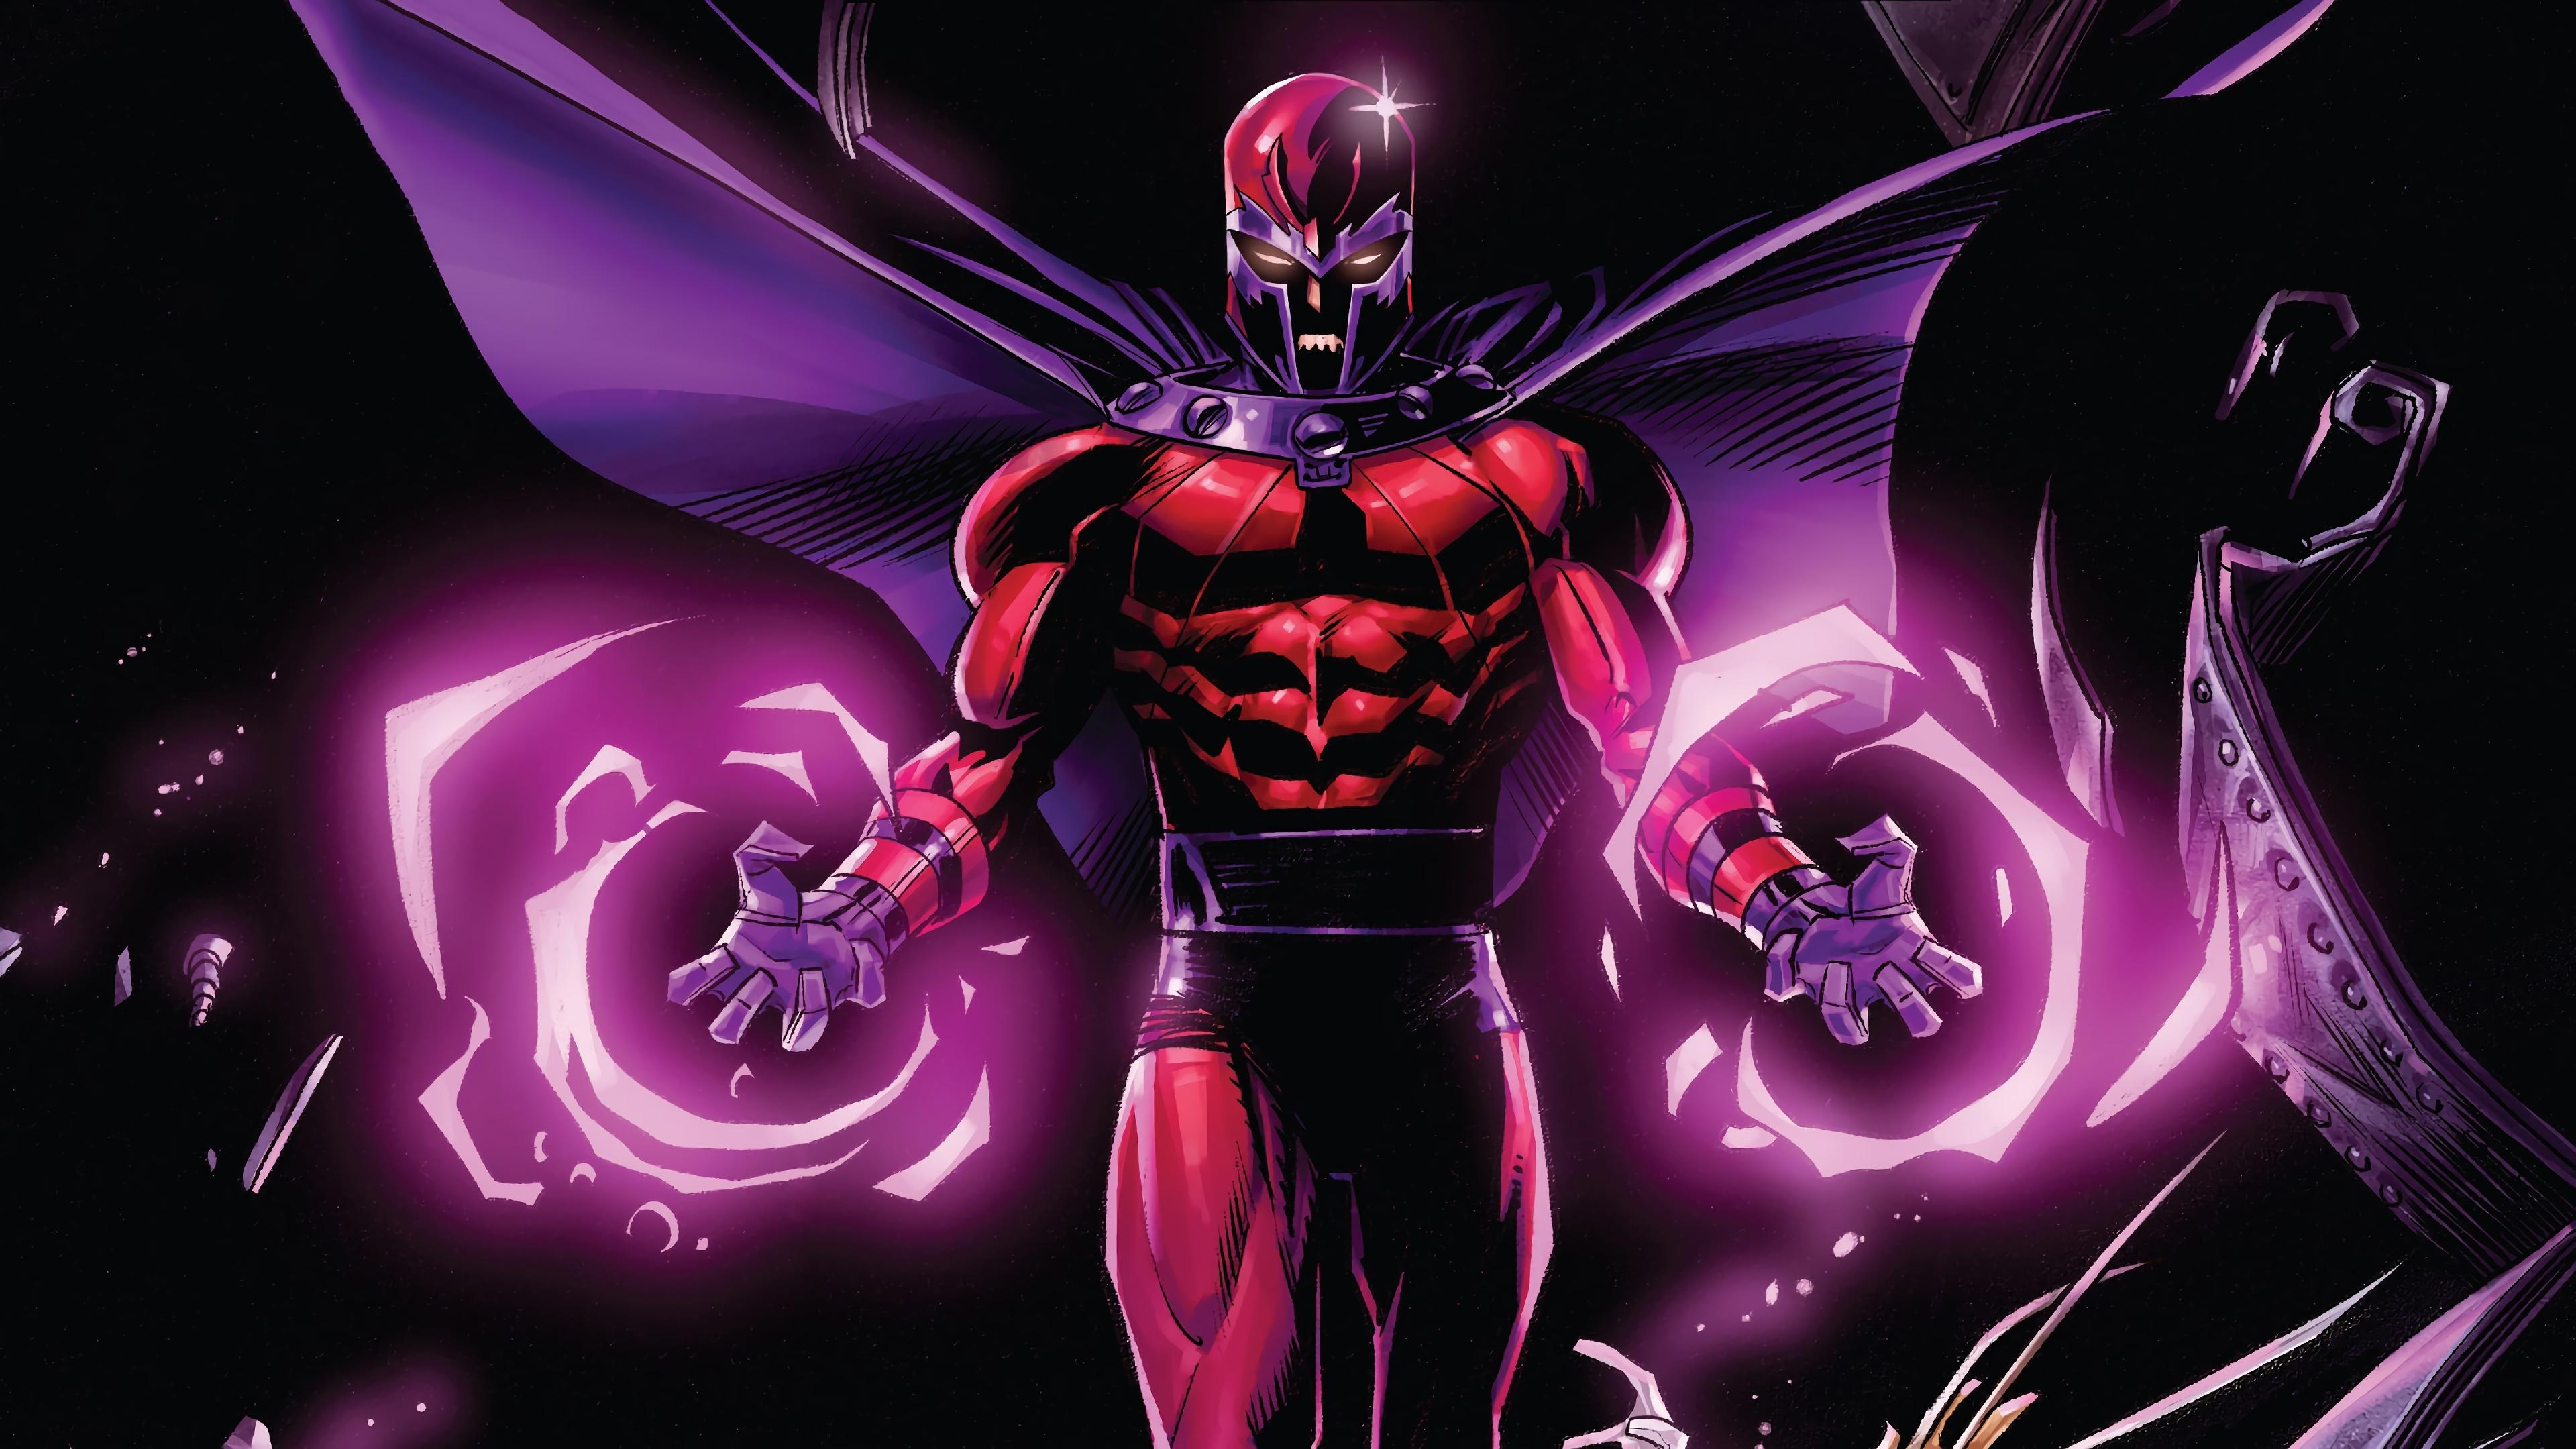 Magneto 4K Wallpaper 60 3840x2160